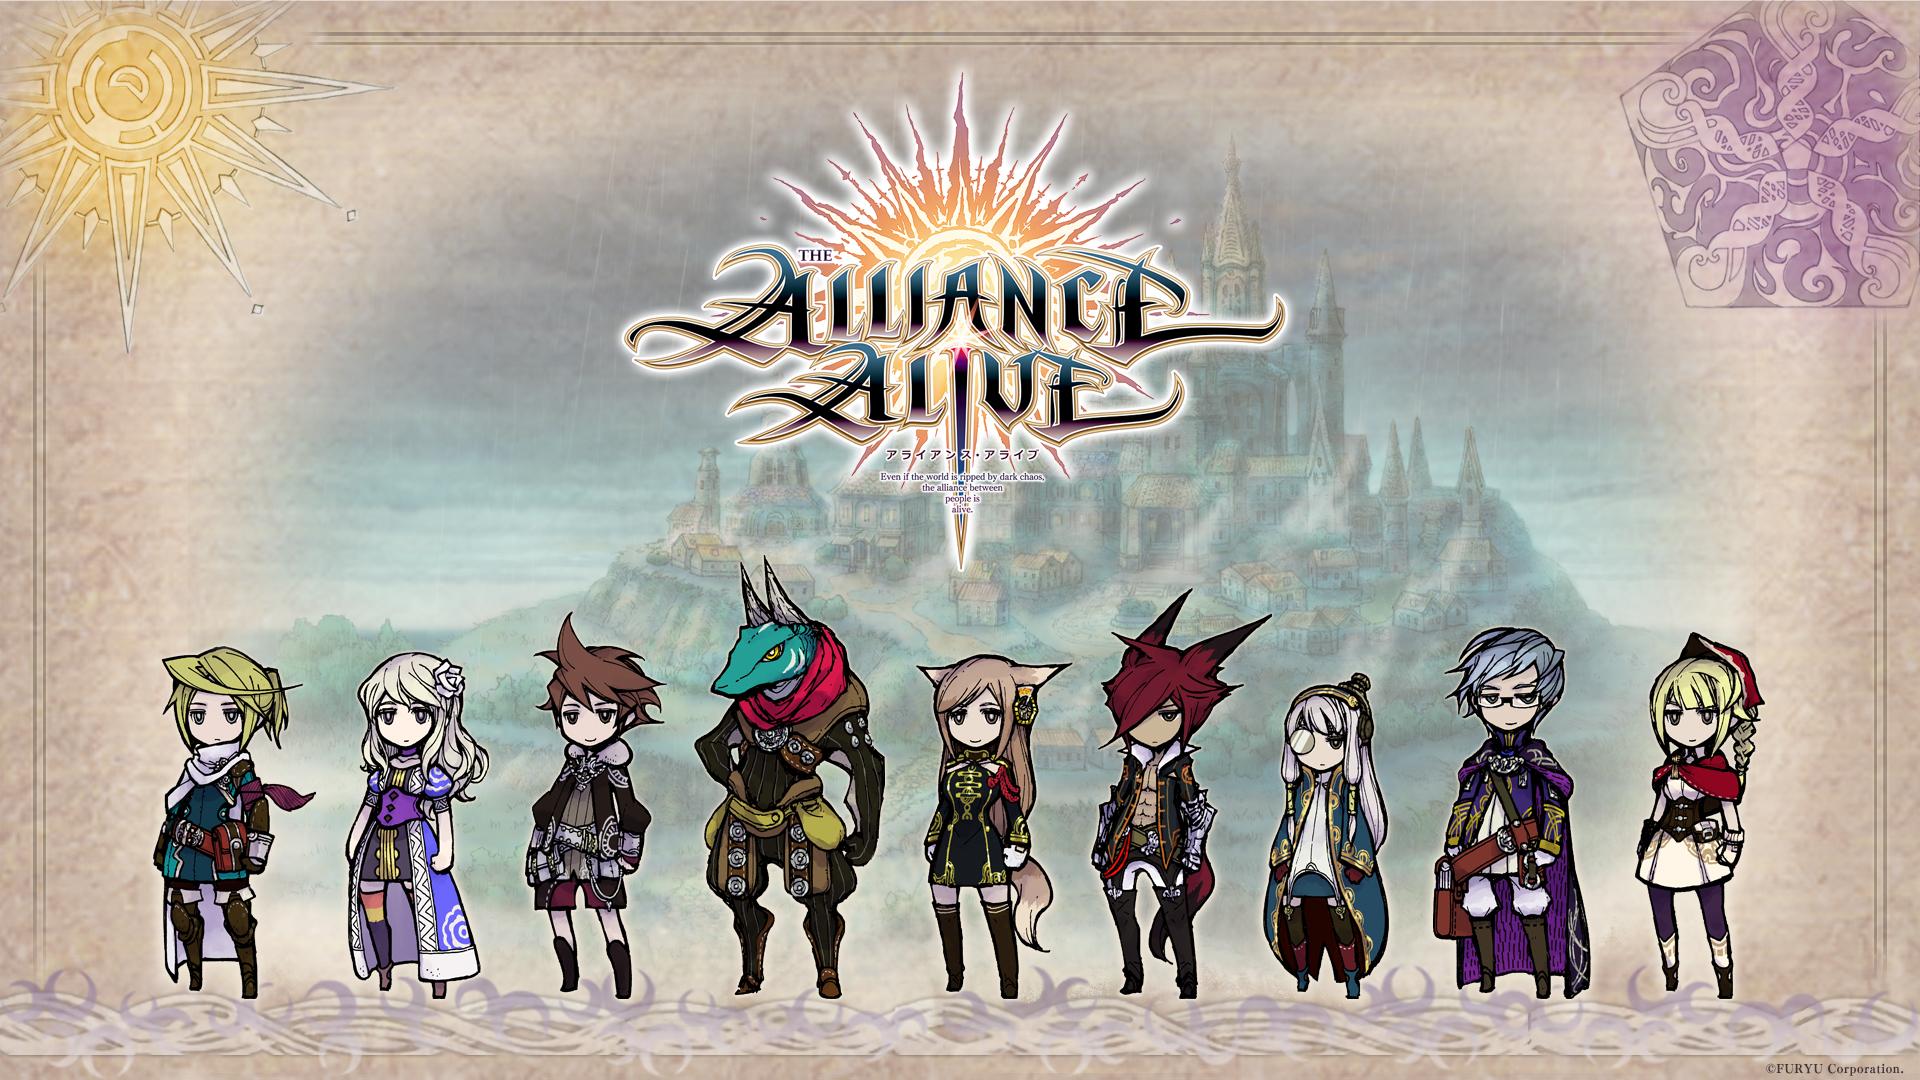 Risultati immagini per alliance alive hd